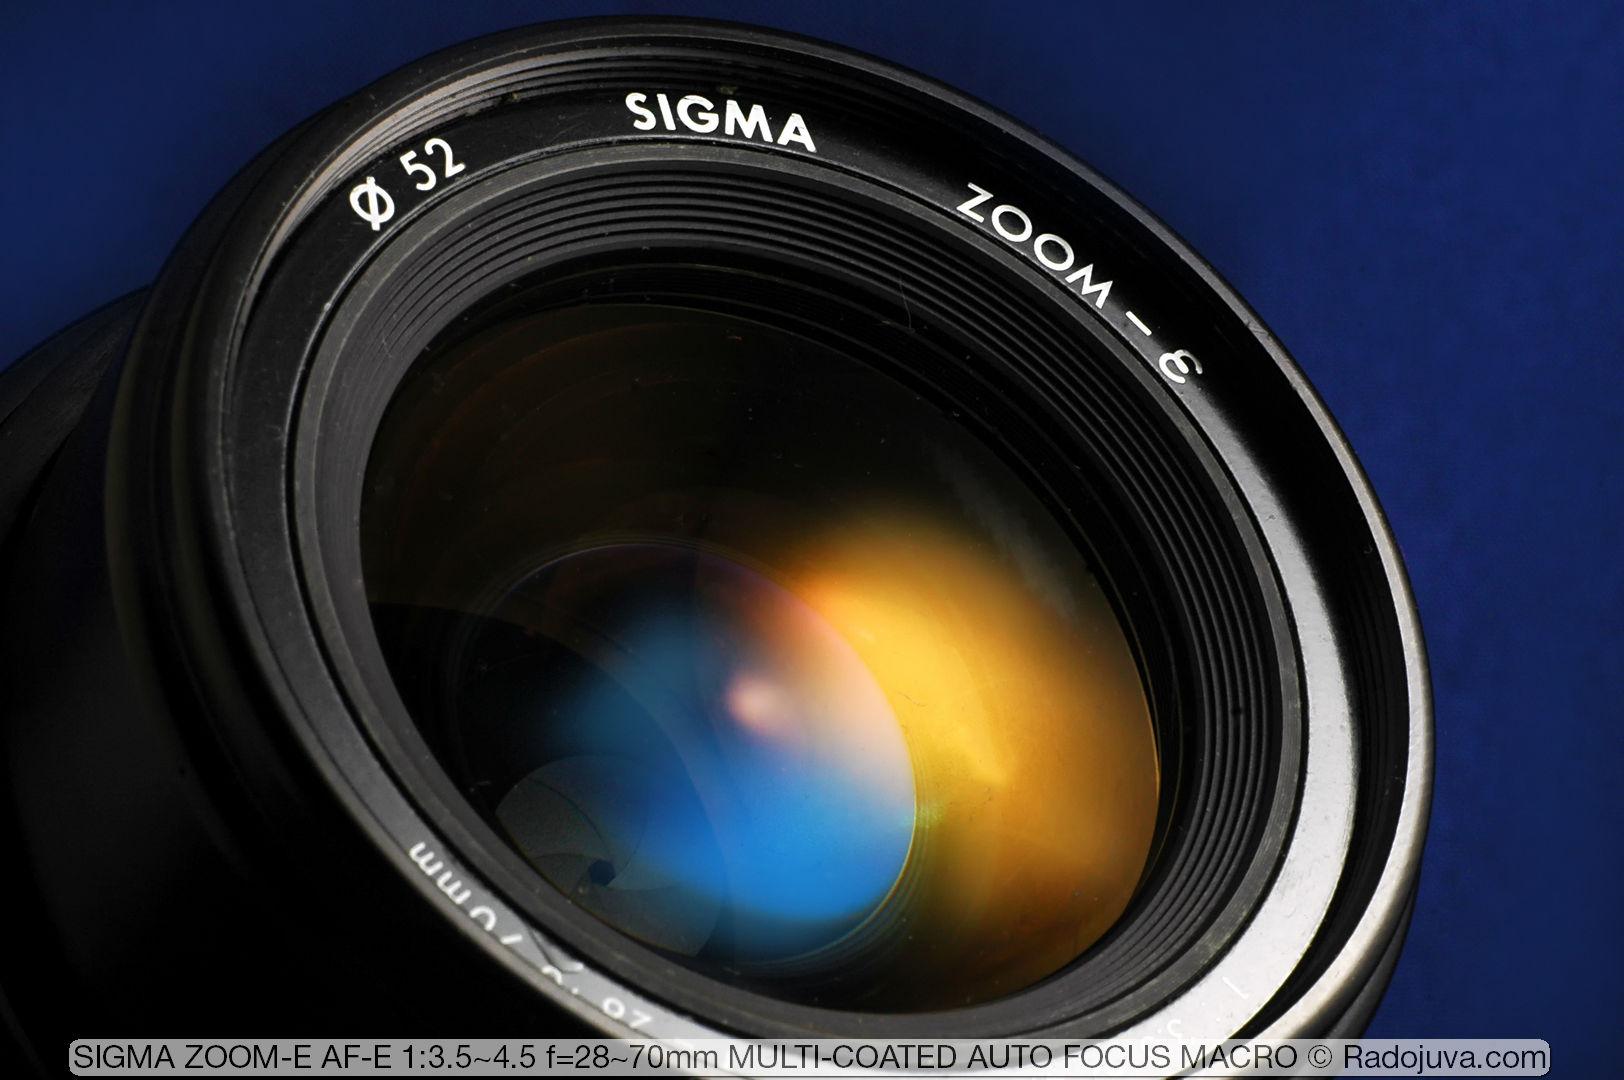 SIGMA ZOOM-E AF-E 1:3.5-4.5 f=28-70mm MULTI-COATED AUTO FOCUS MACRO